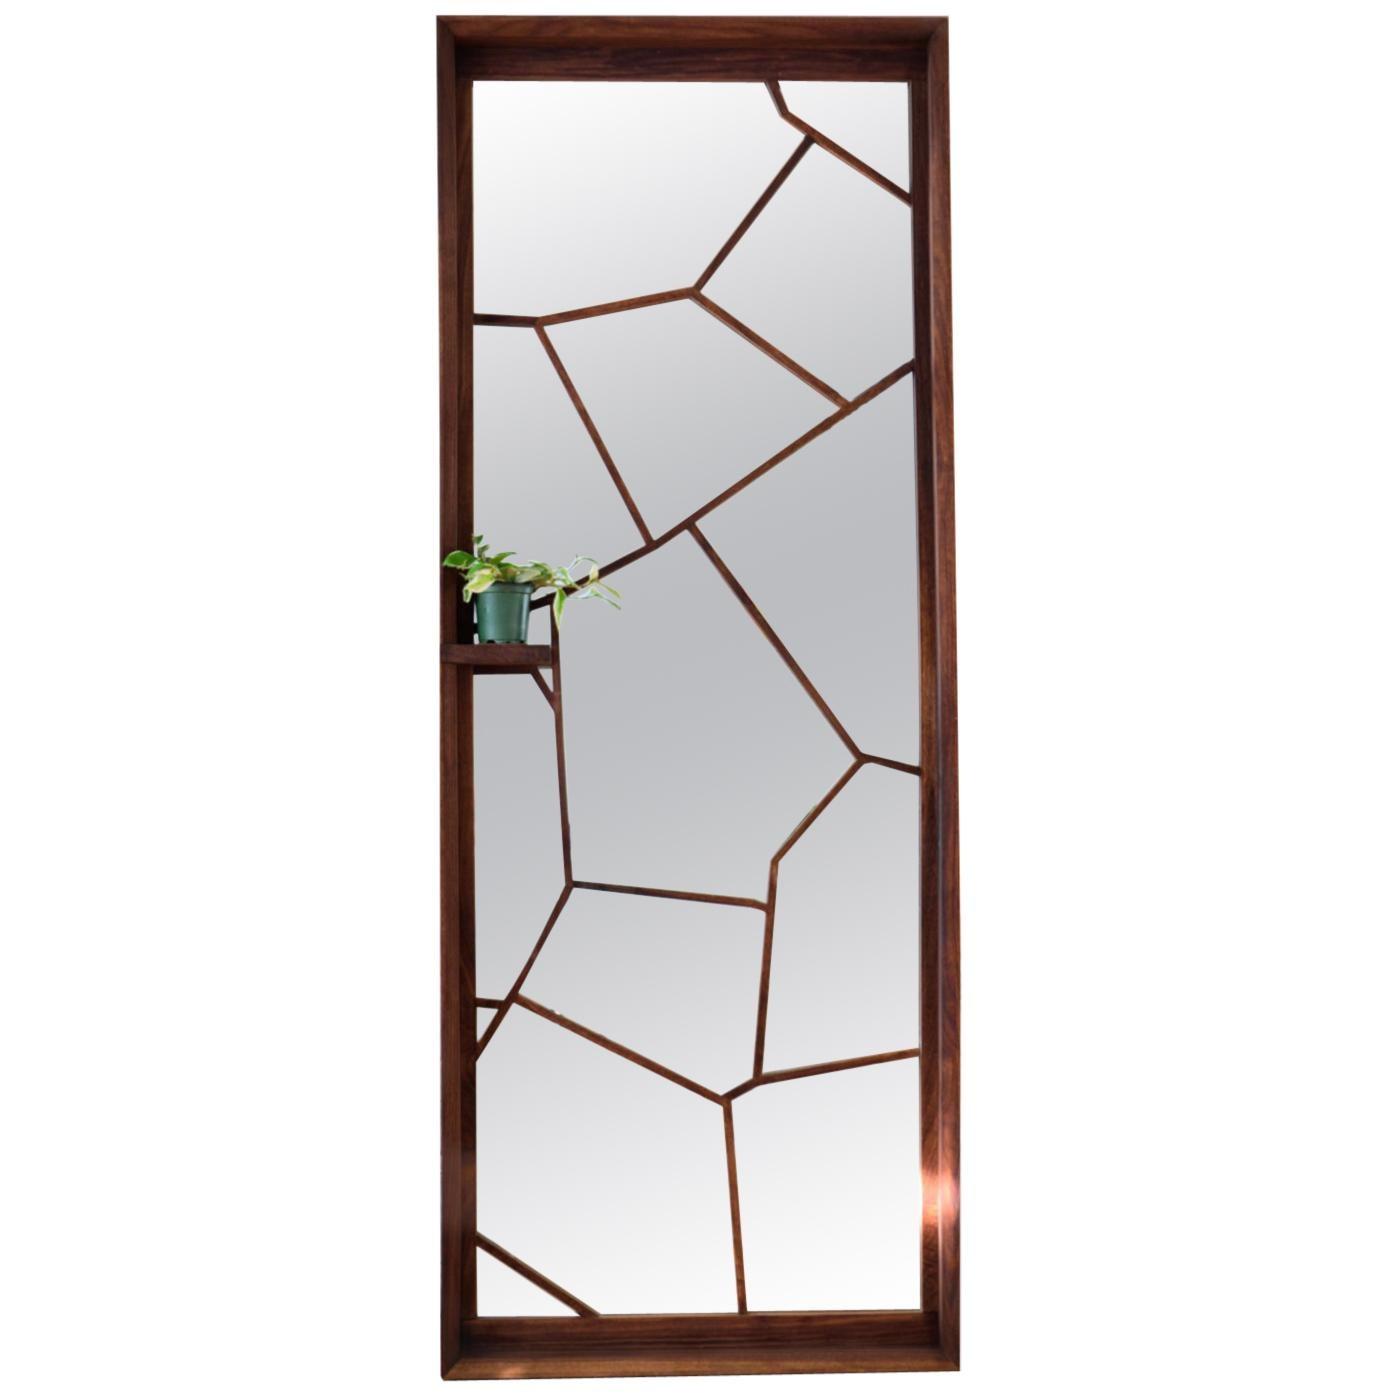 Walnut Custom Handmade Large Format Shattered Mirror